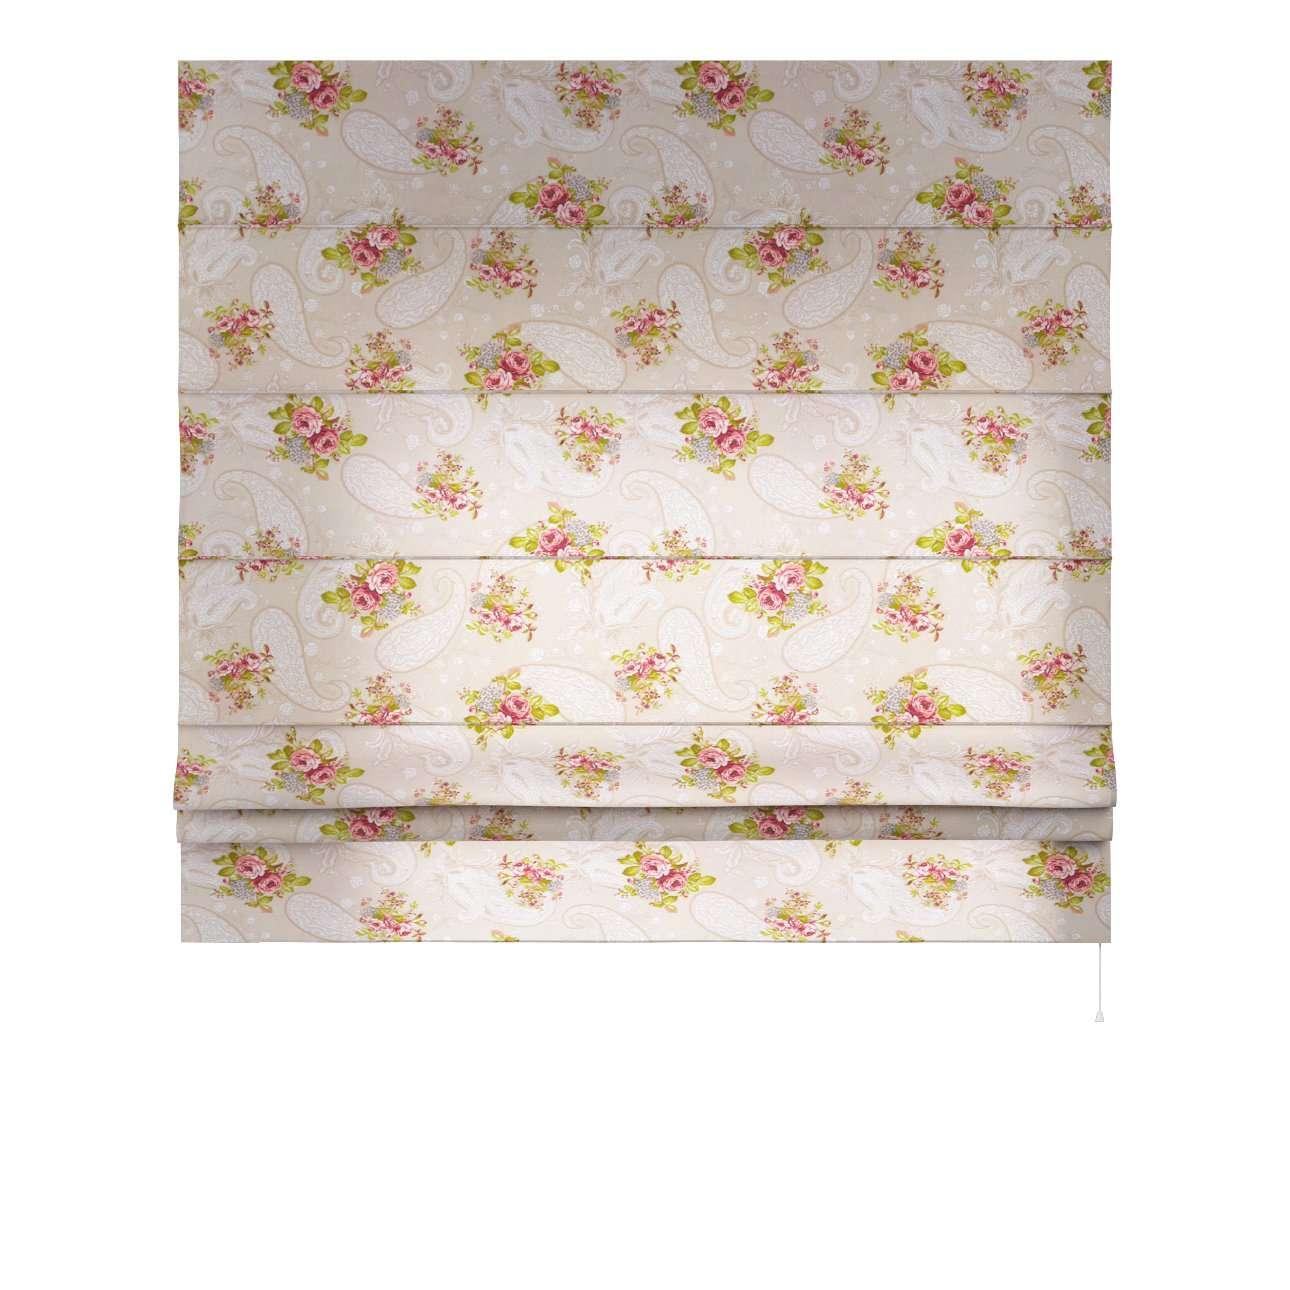 Raffrollo Padva 80 x 170 cm von der Kollektion Flowers, Stoff: 311-15